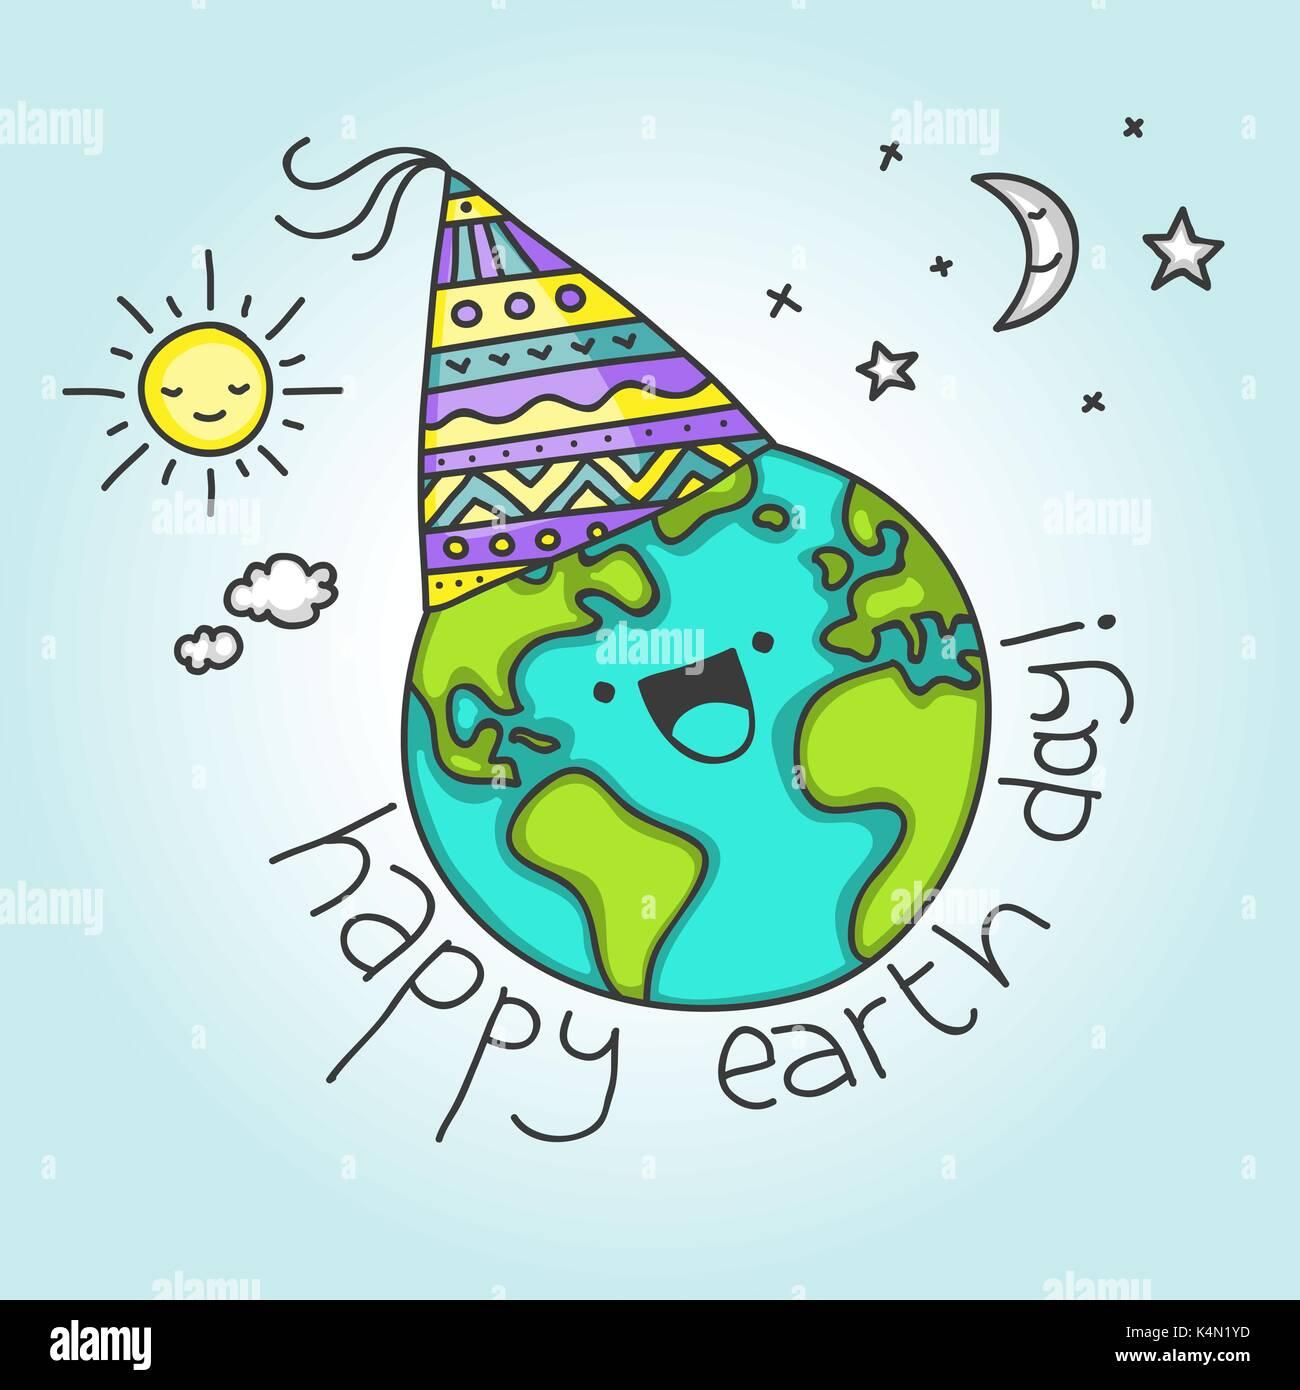 Linda tarjeta para el 22 de abril con Cartoon tierra diciendo Feliz Día de la tierra Imagen De Stock